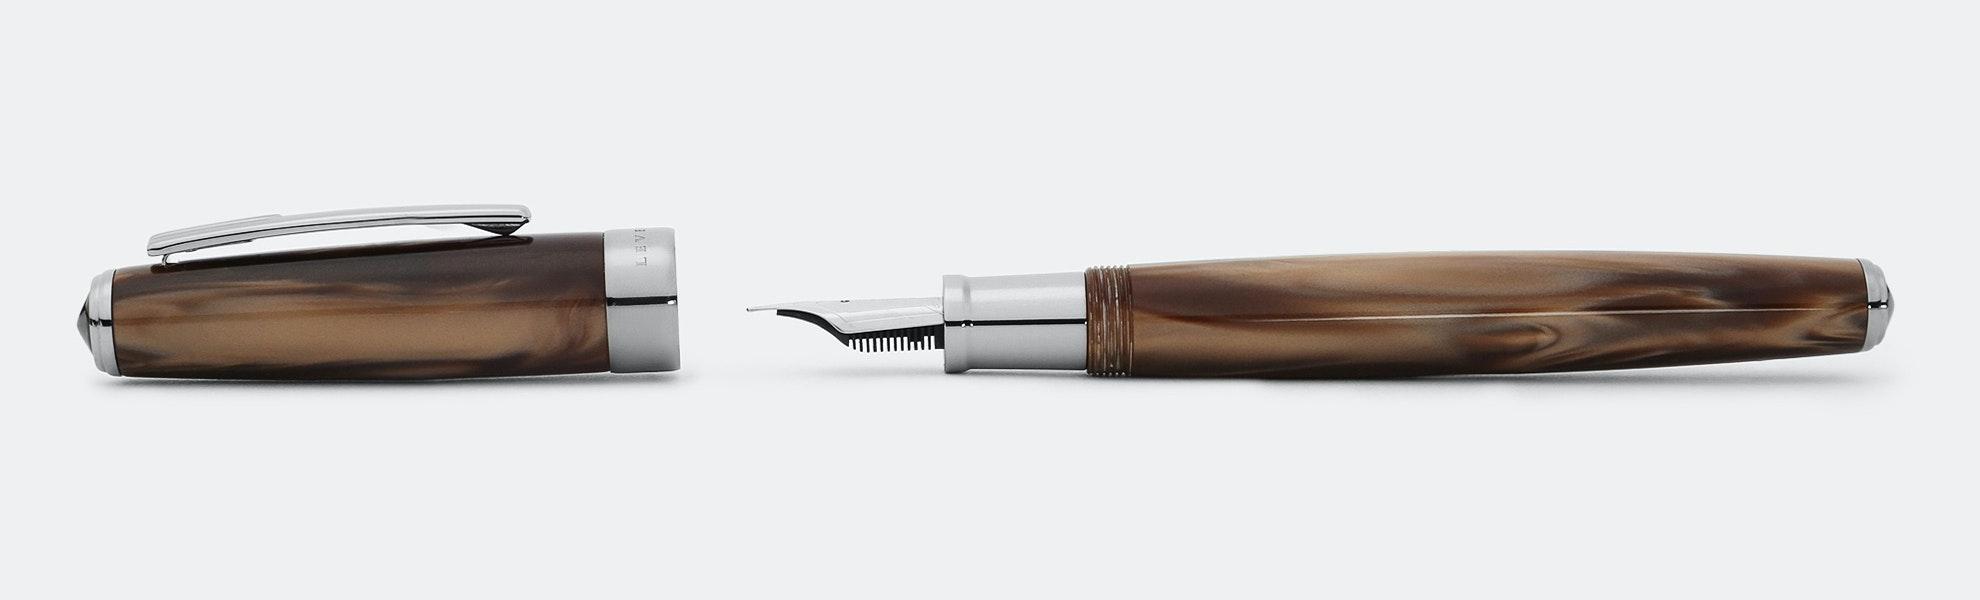 Levenger True Writer Select Fountain Pen